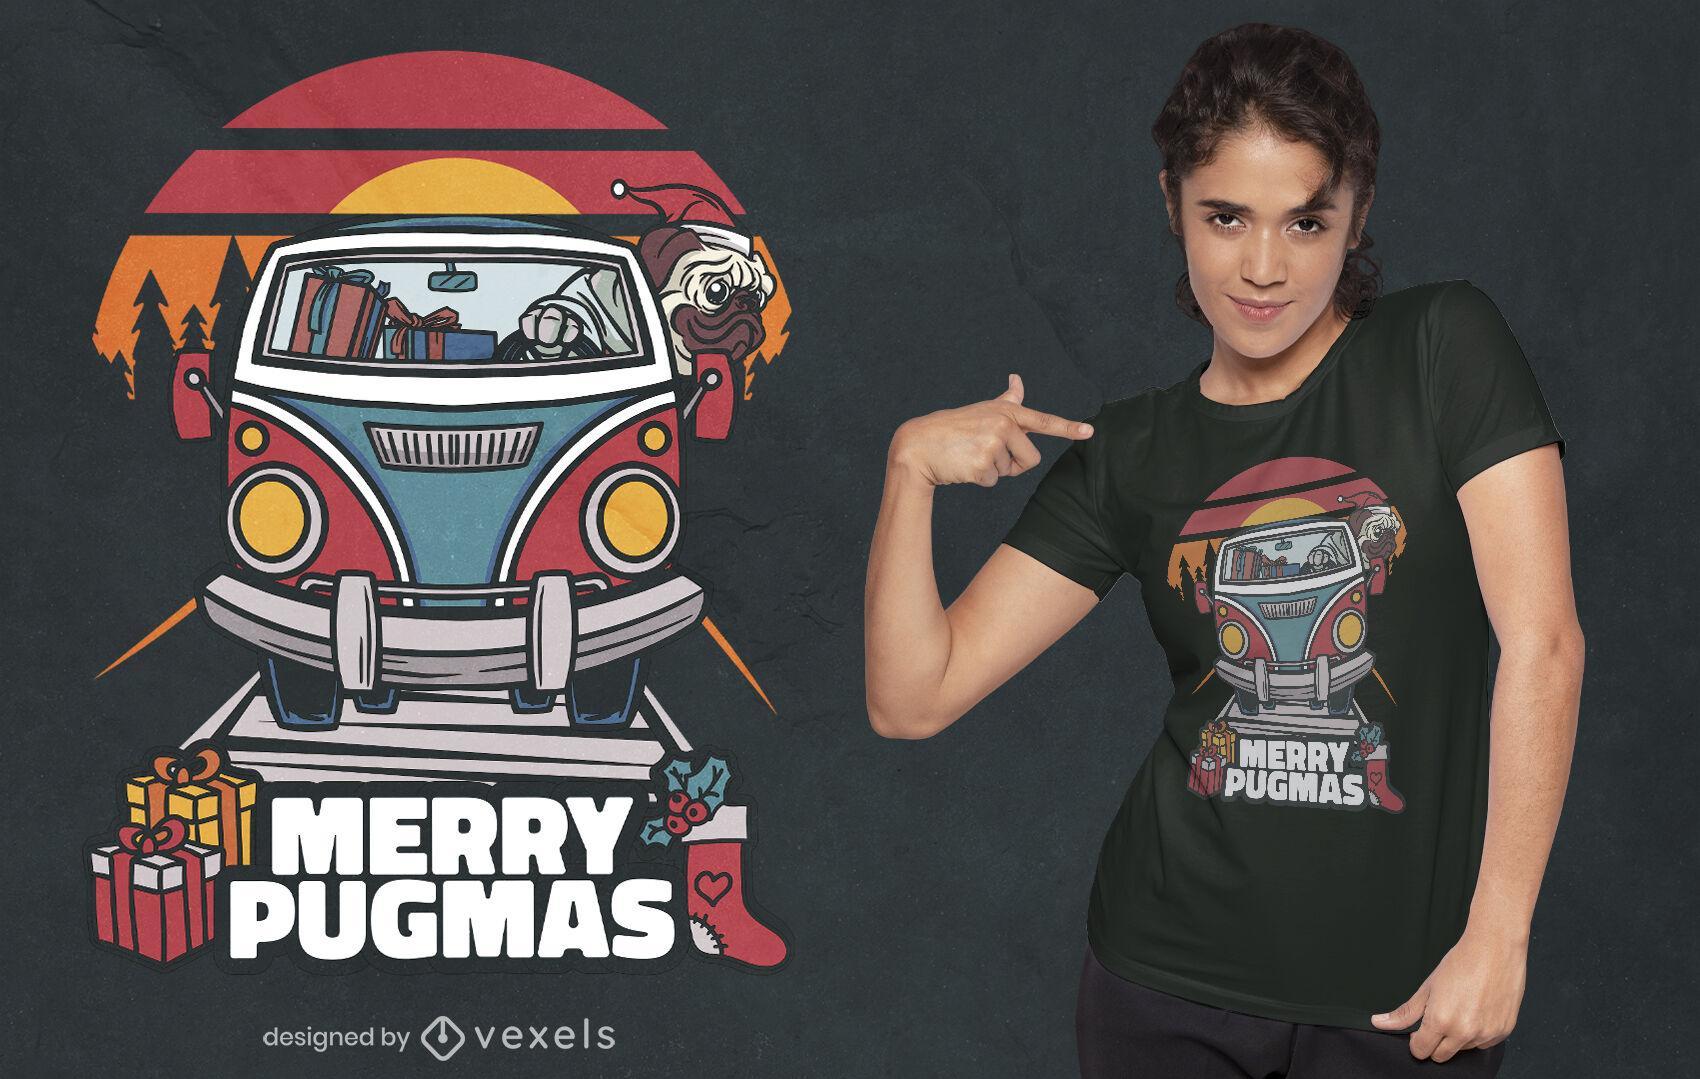 Pug Christmas holiday t-shirt design